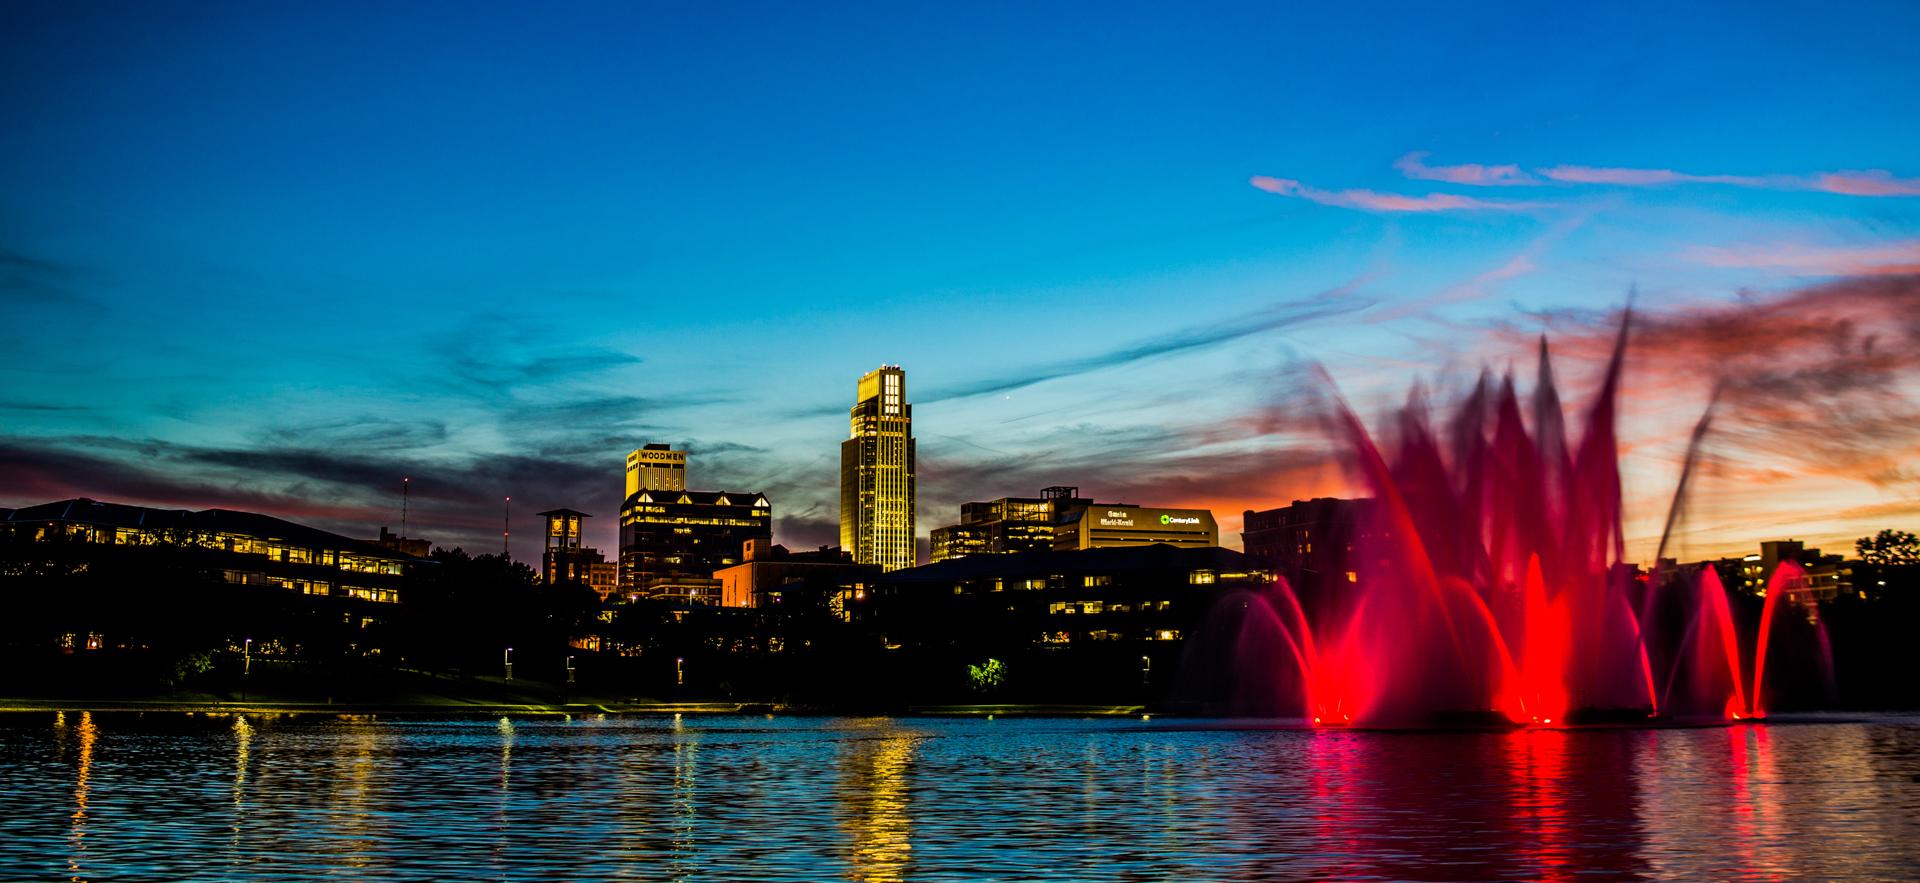 Heartland Park Fountain